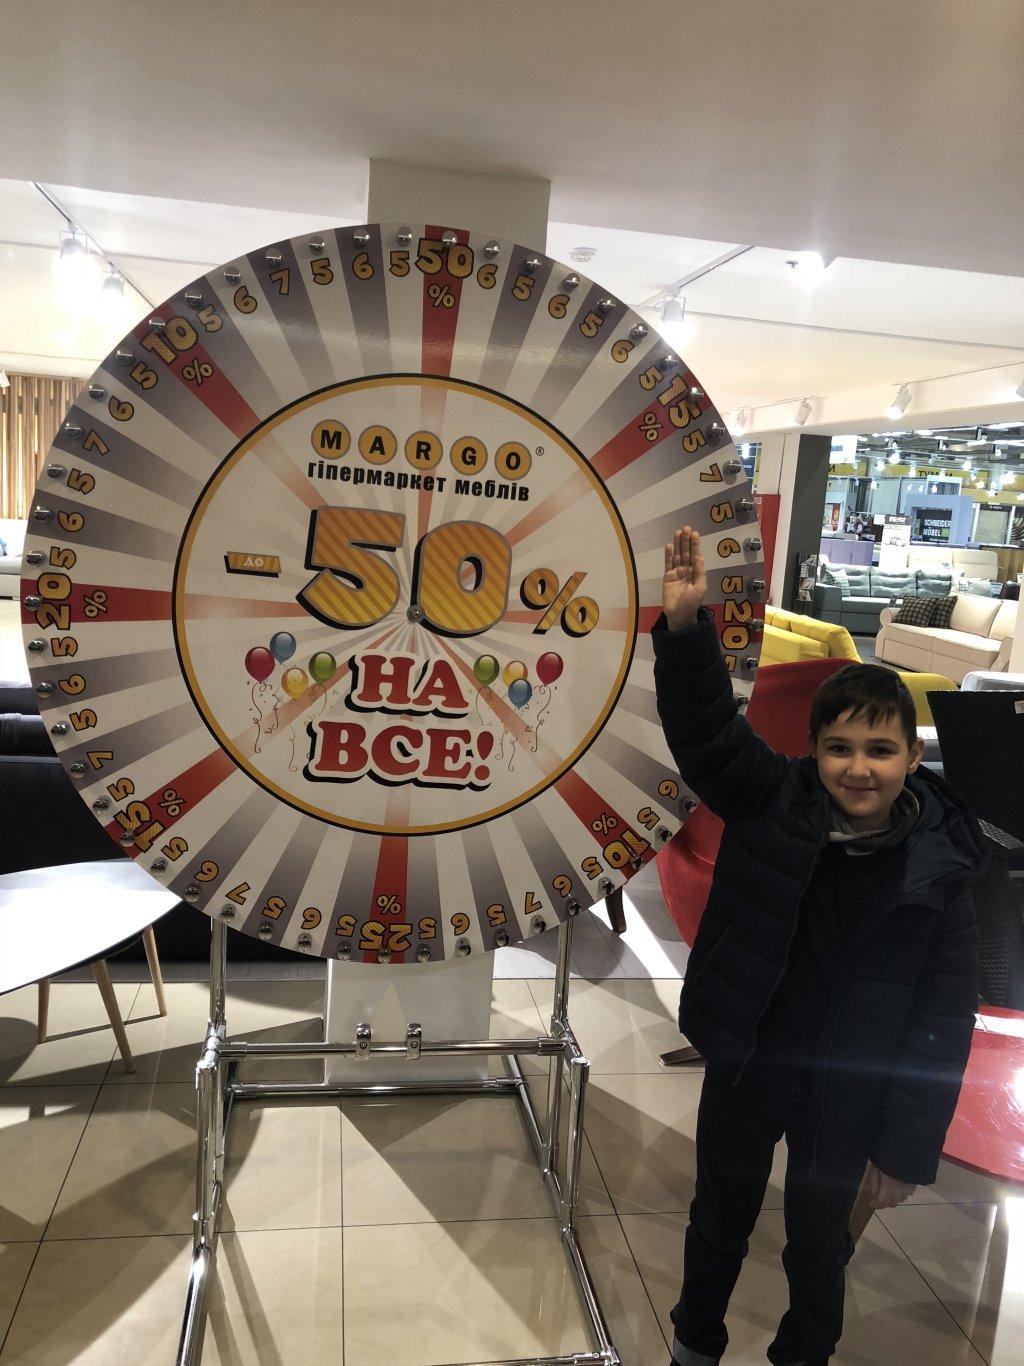 Гипермаркет мебели MARGO - А мы скидку выиграли :) !